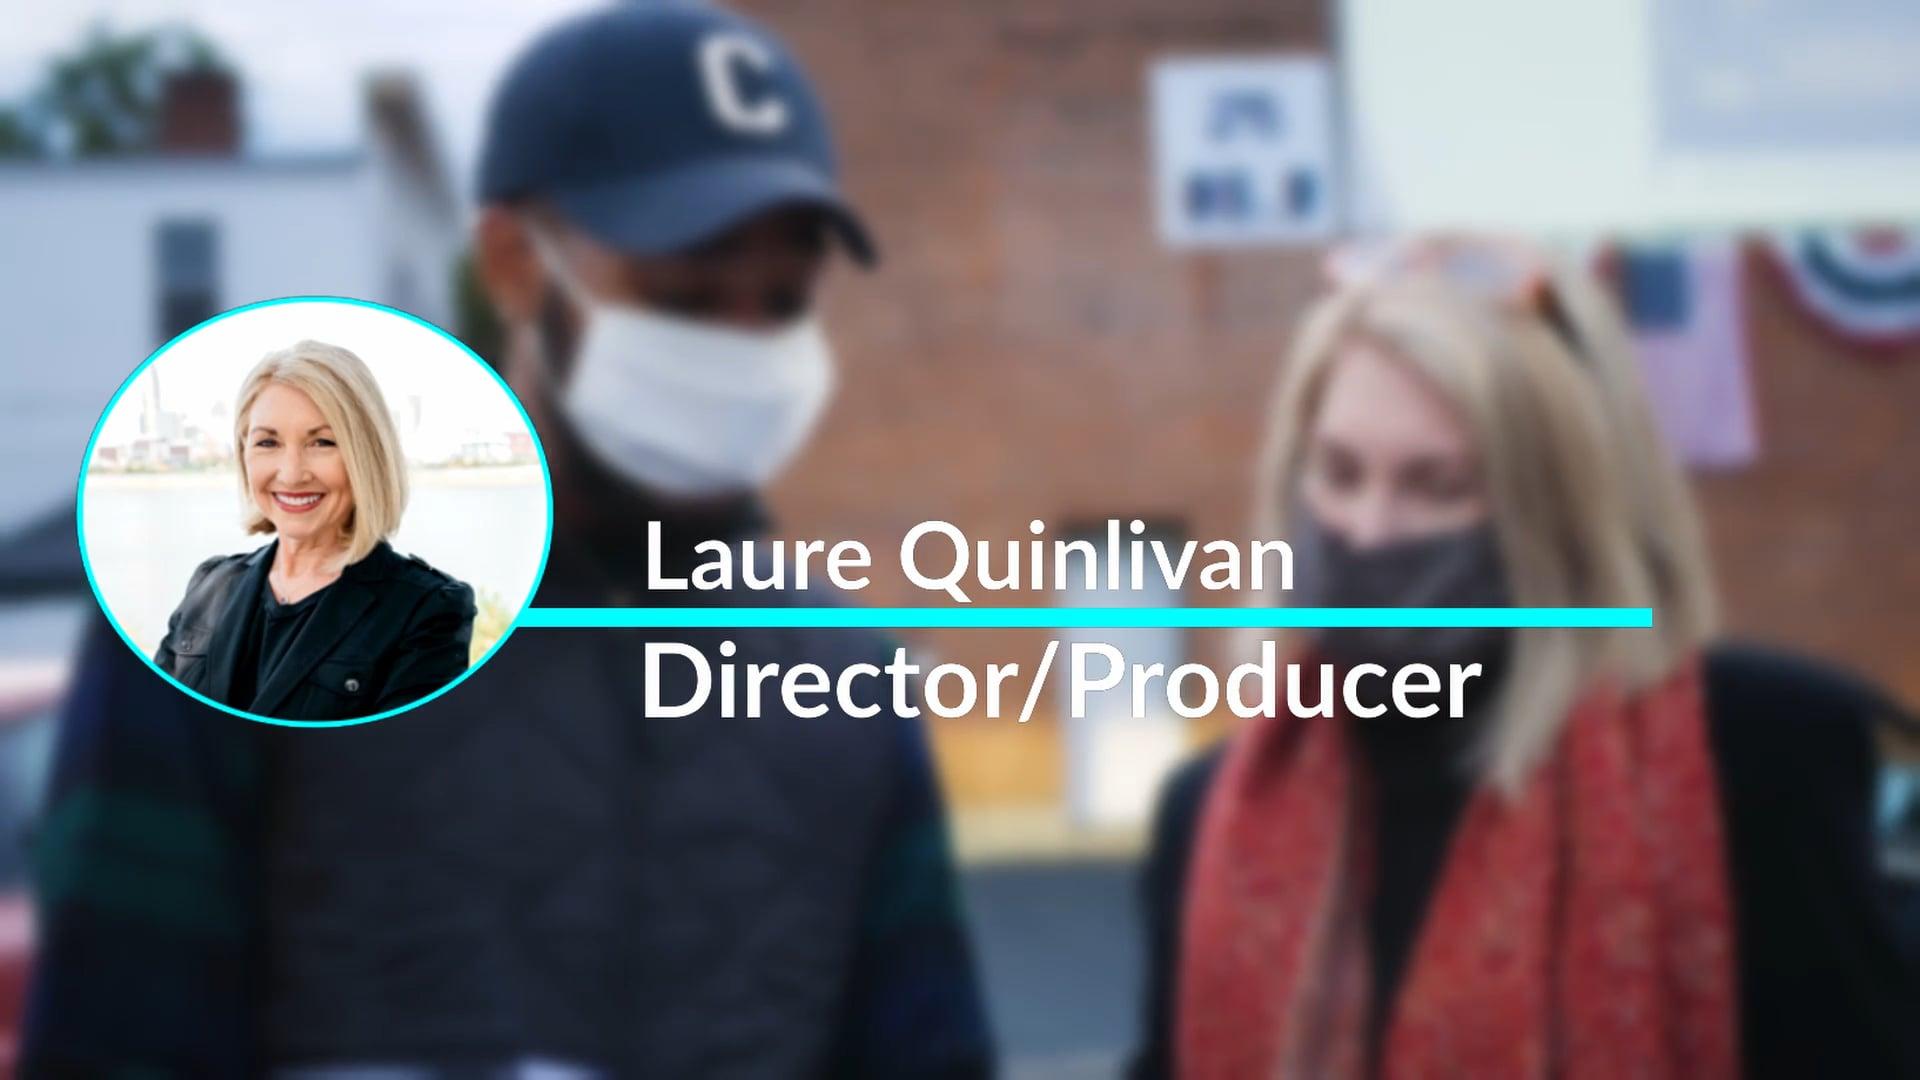 Laure Quinlivan, Director & Producer Demo Reel